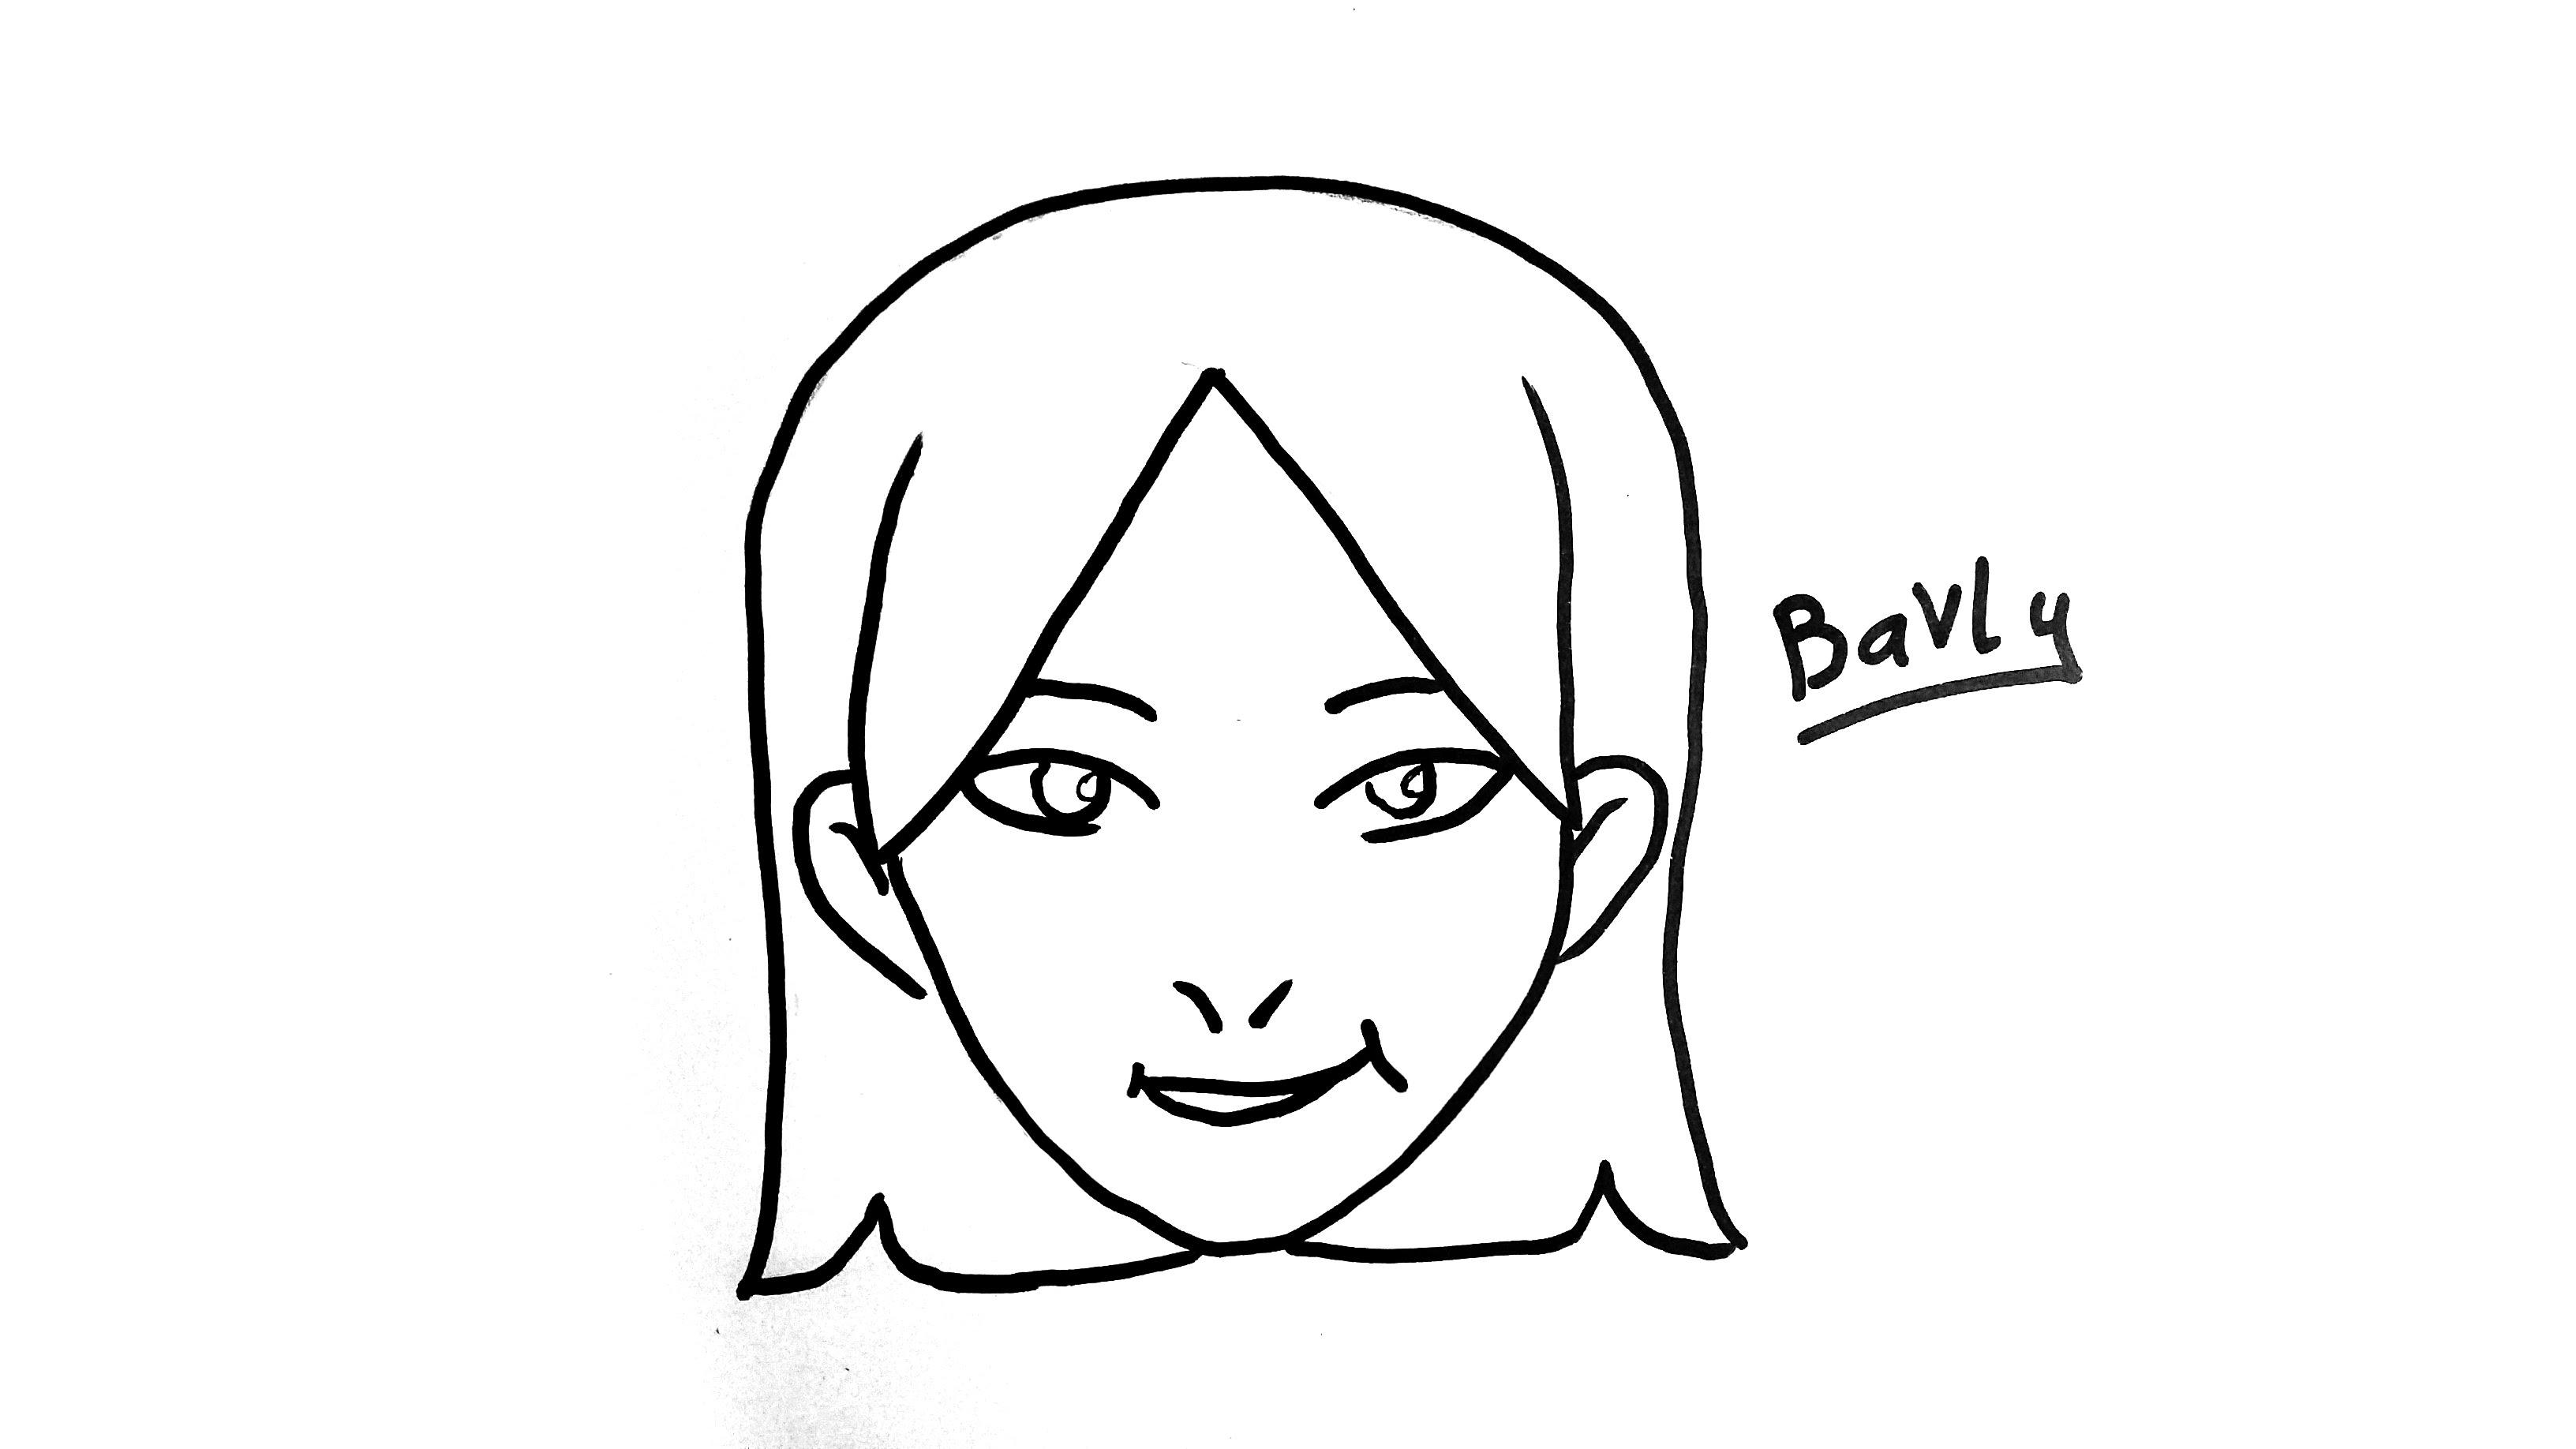 رسم سهل جدا اجمل رسومات سهلة ومميزة المنام